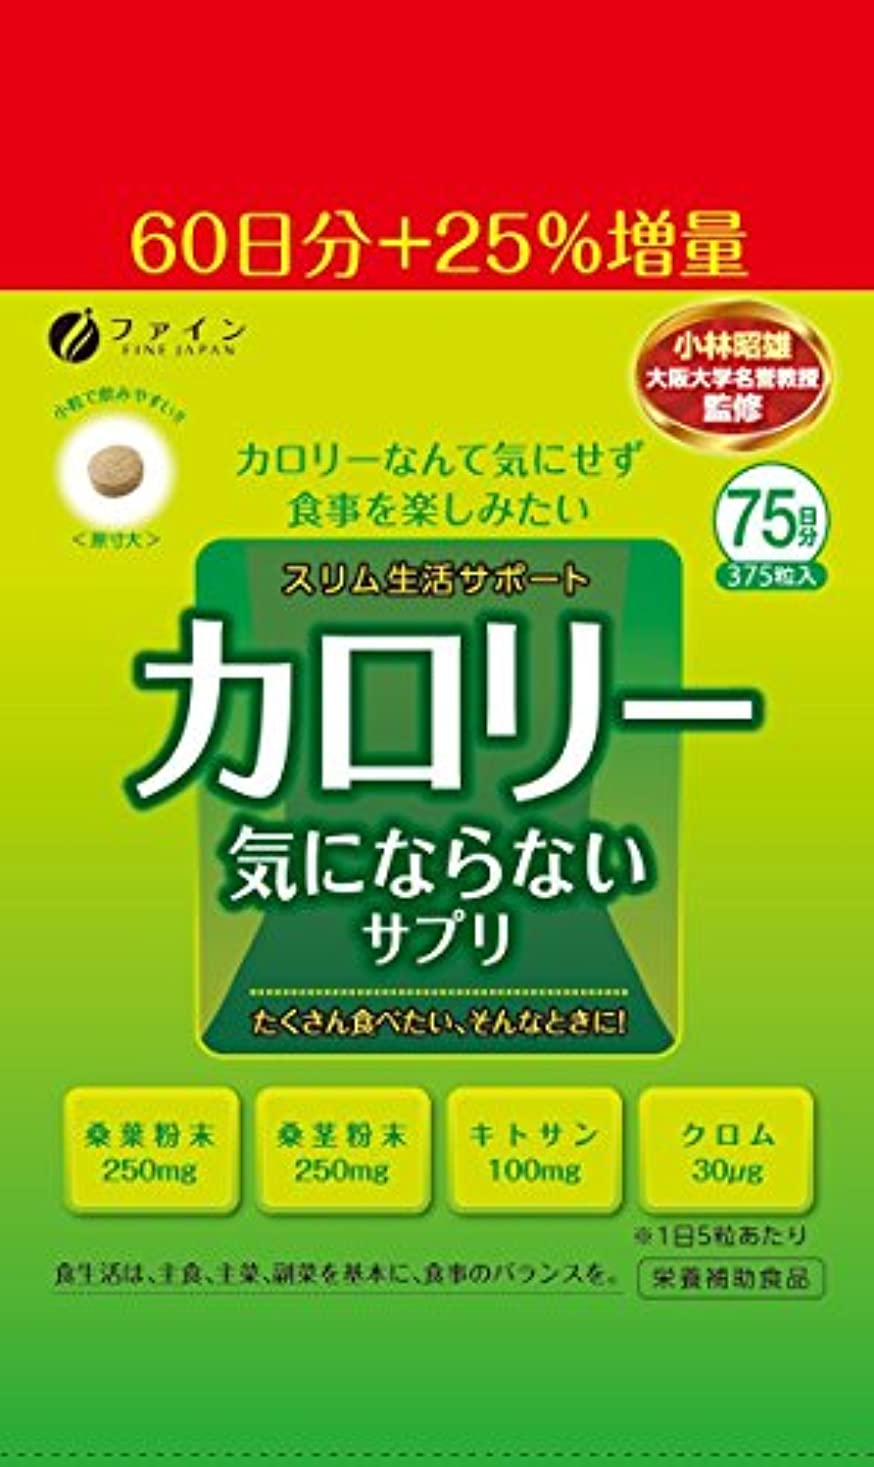 覆す推論旋律的ファイン カロリー気にならないサプリ 大容量品(200mg×約375粒)【3袋組】